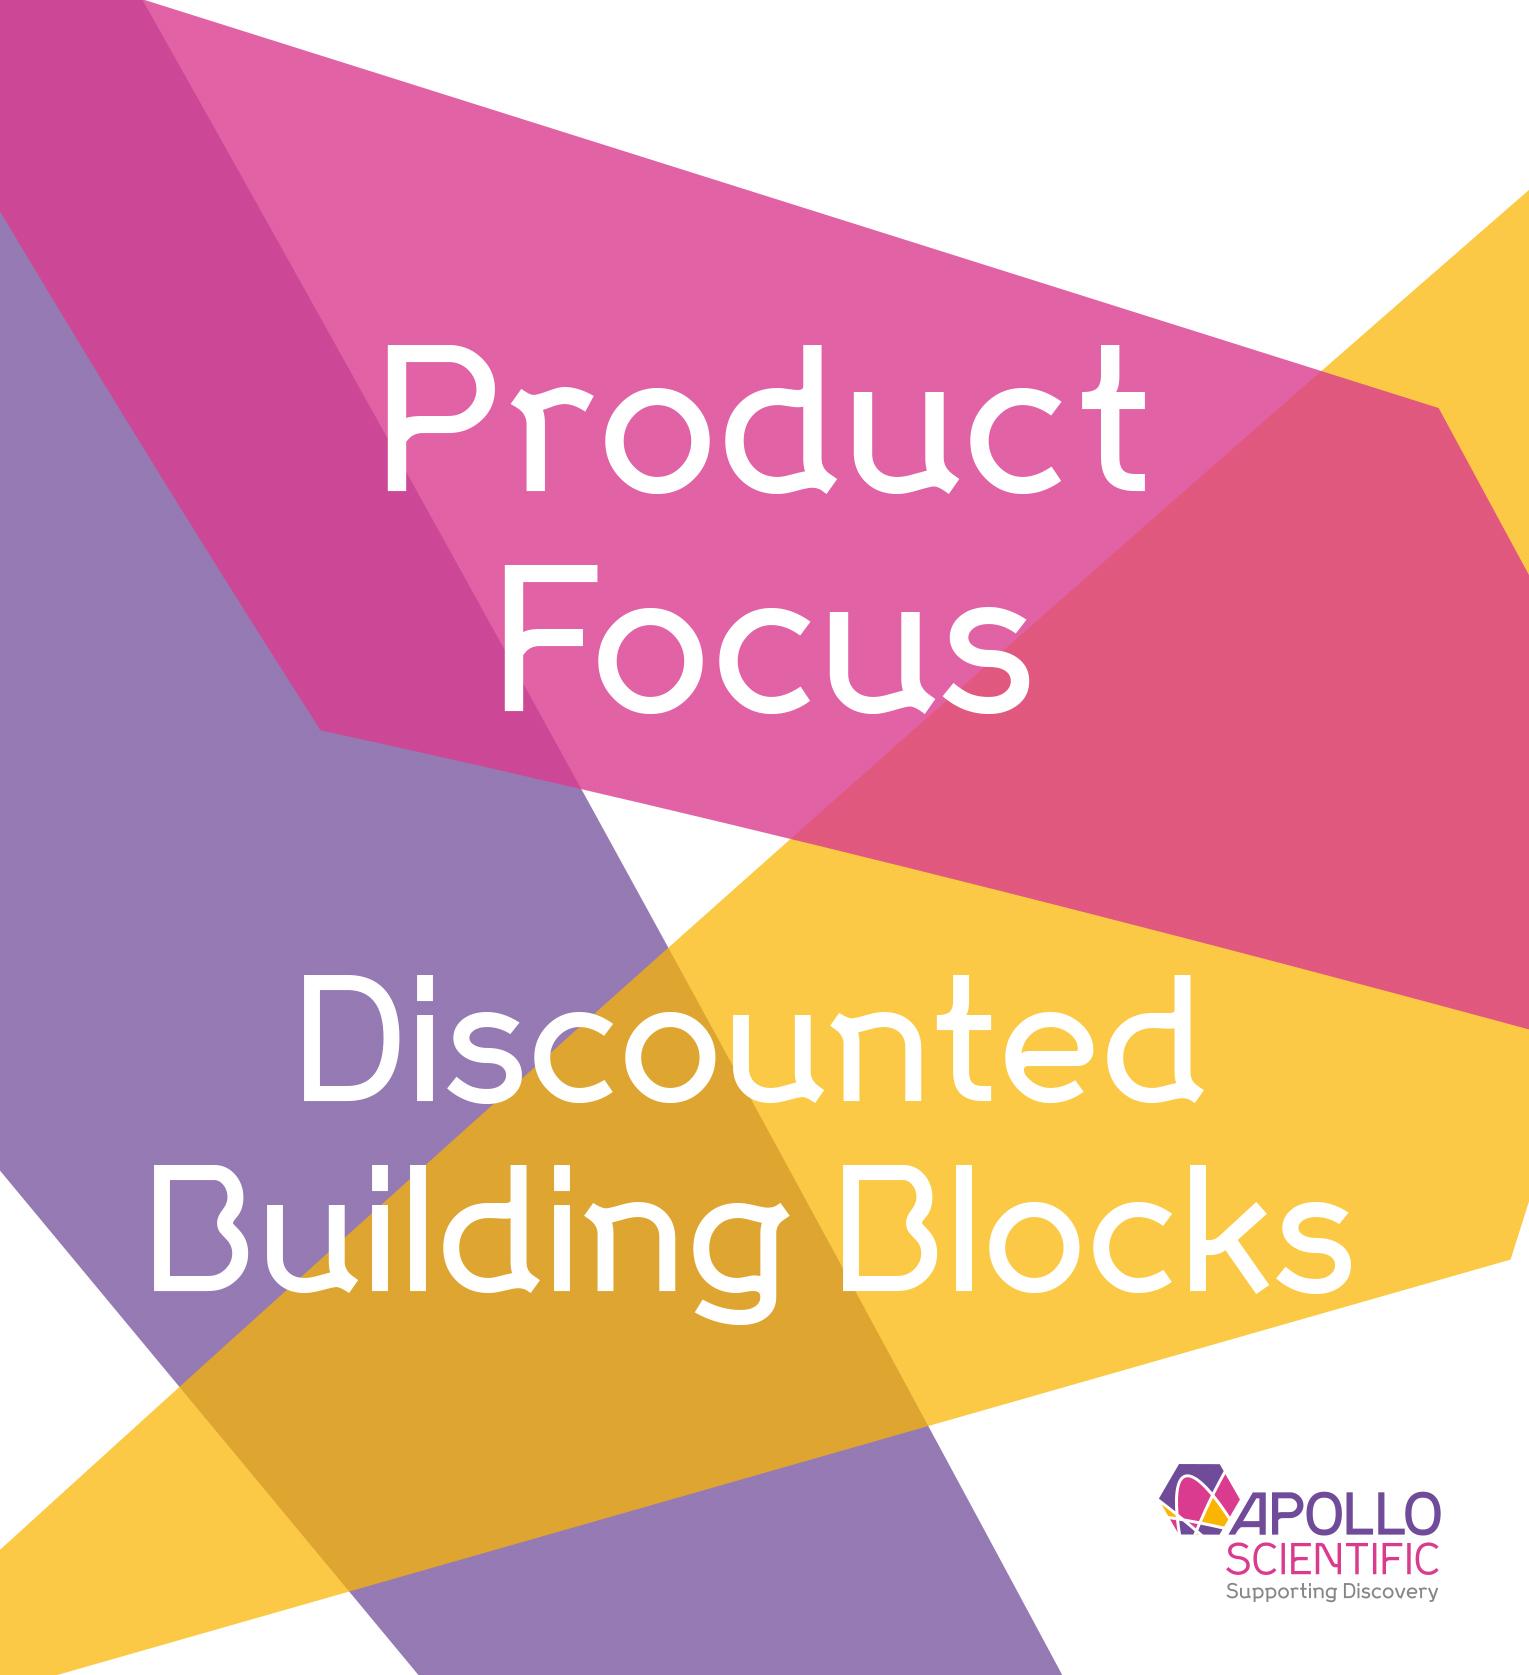 Discounted Building Blocks thumbnail image